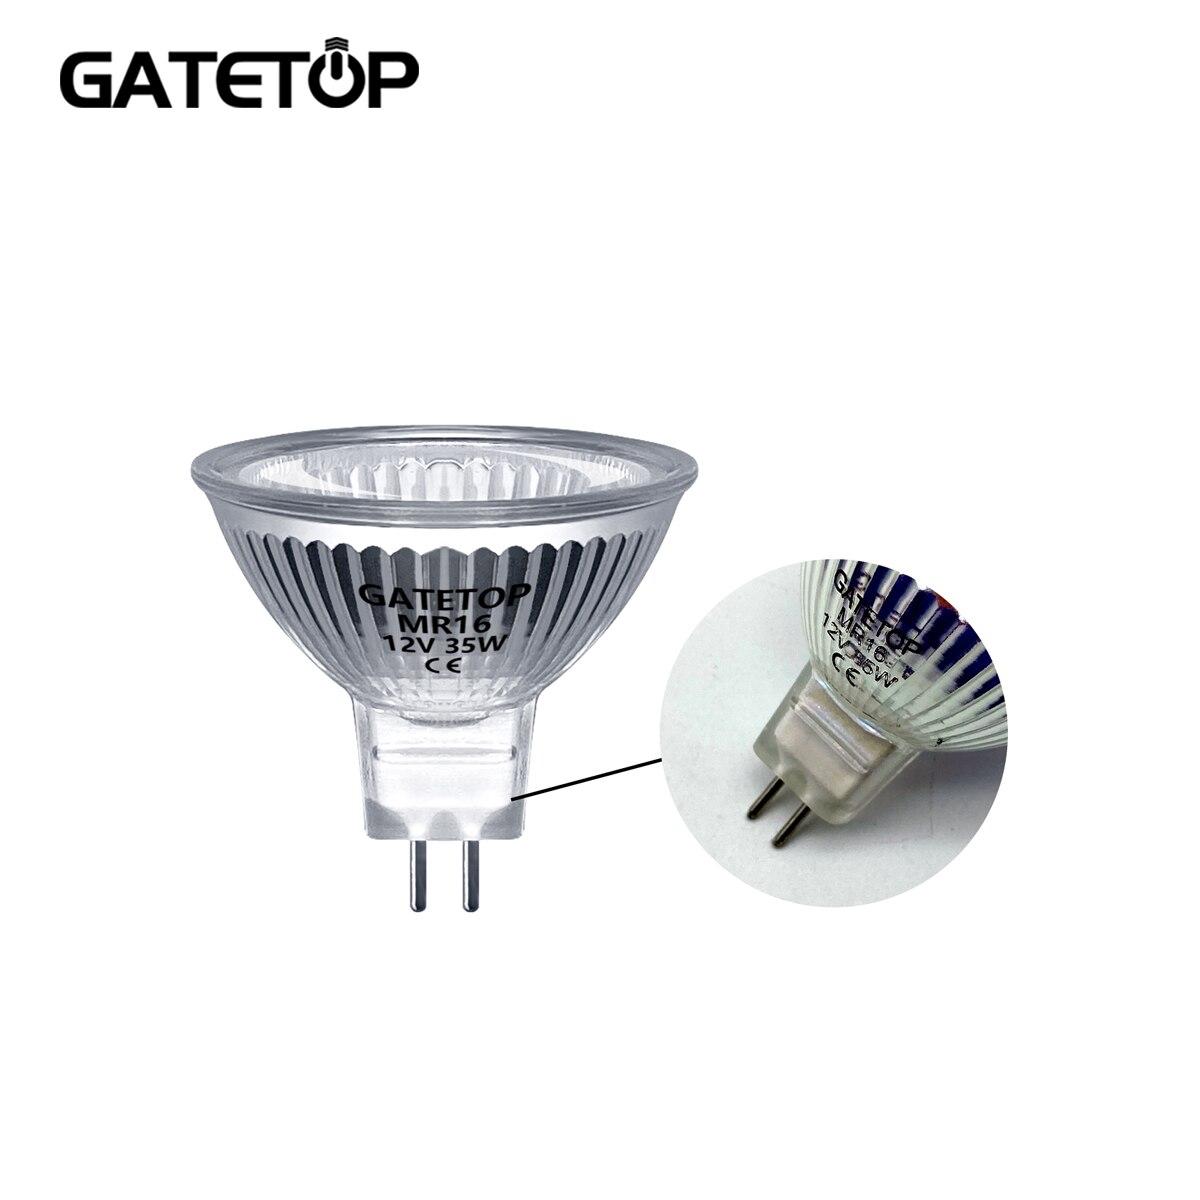 Точечная галогенная лампа MR16 35 Вт 12 В, энергосберегающая, GU5.3, популярный размер